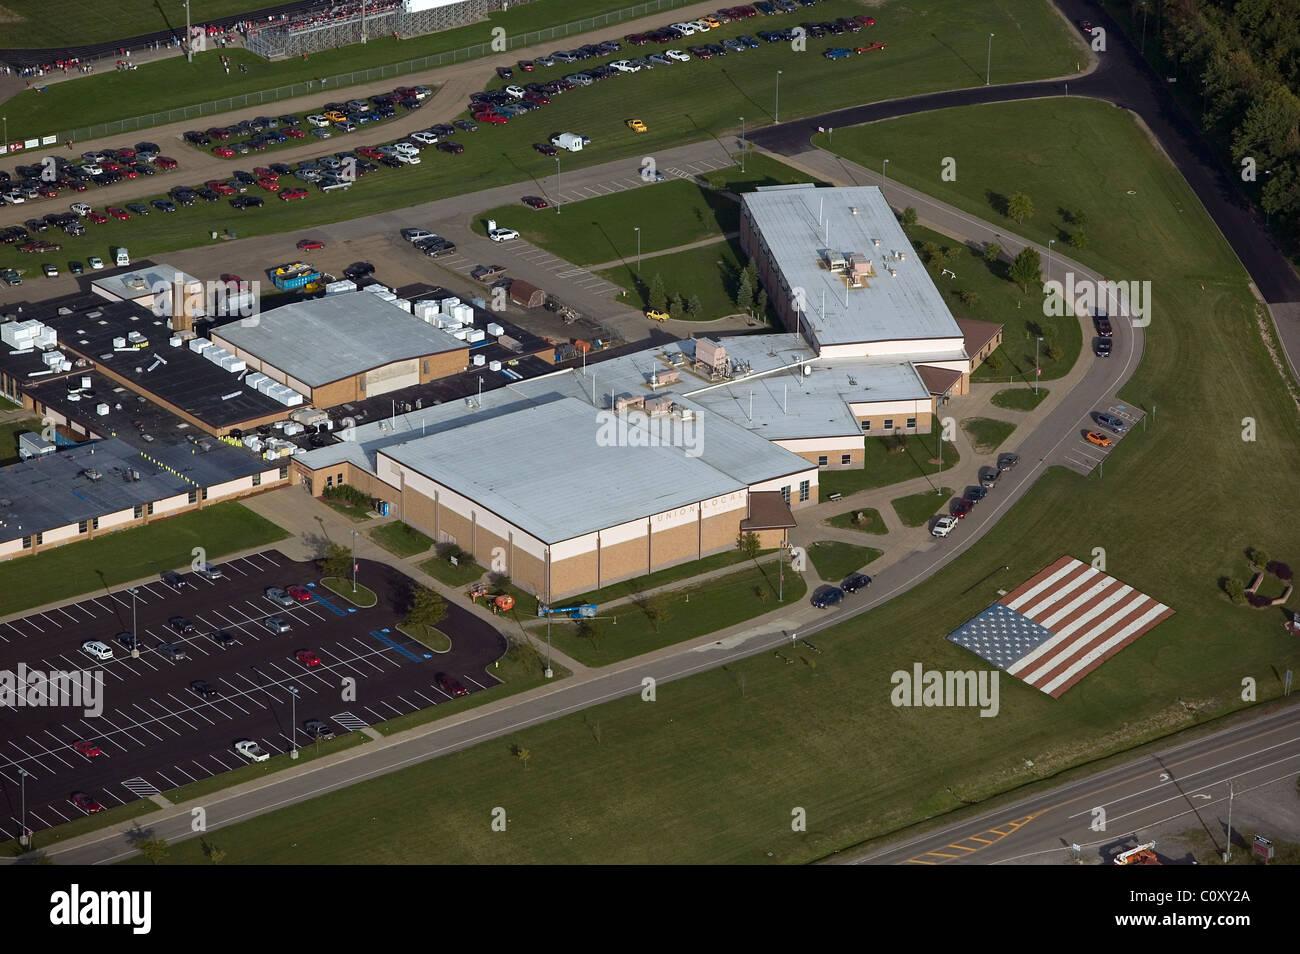 Luftaufnahme über Schule Gebäude Flagge Vereinigte Staaten von Amerika Stockbild